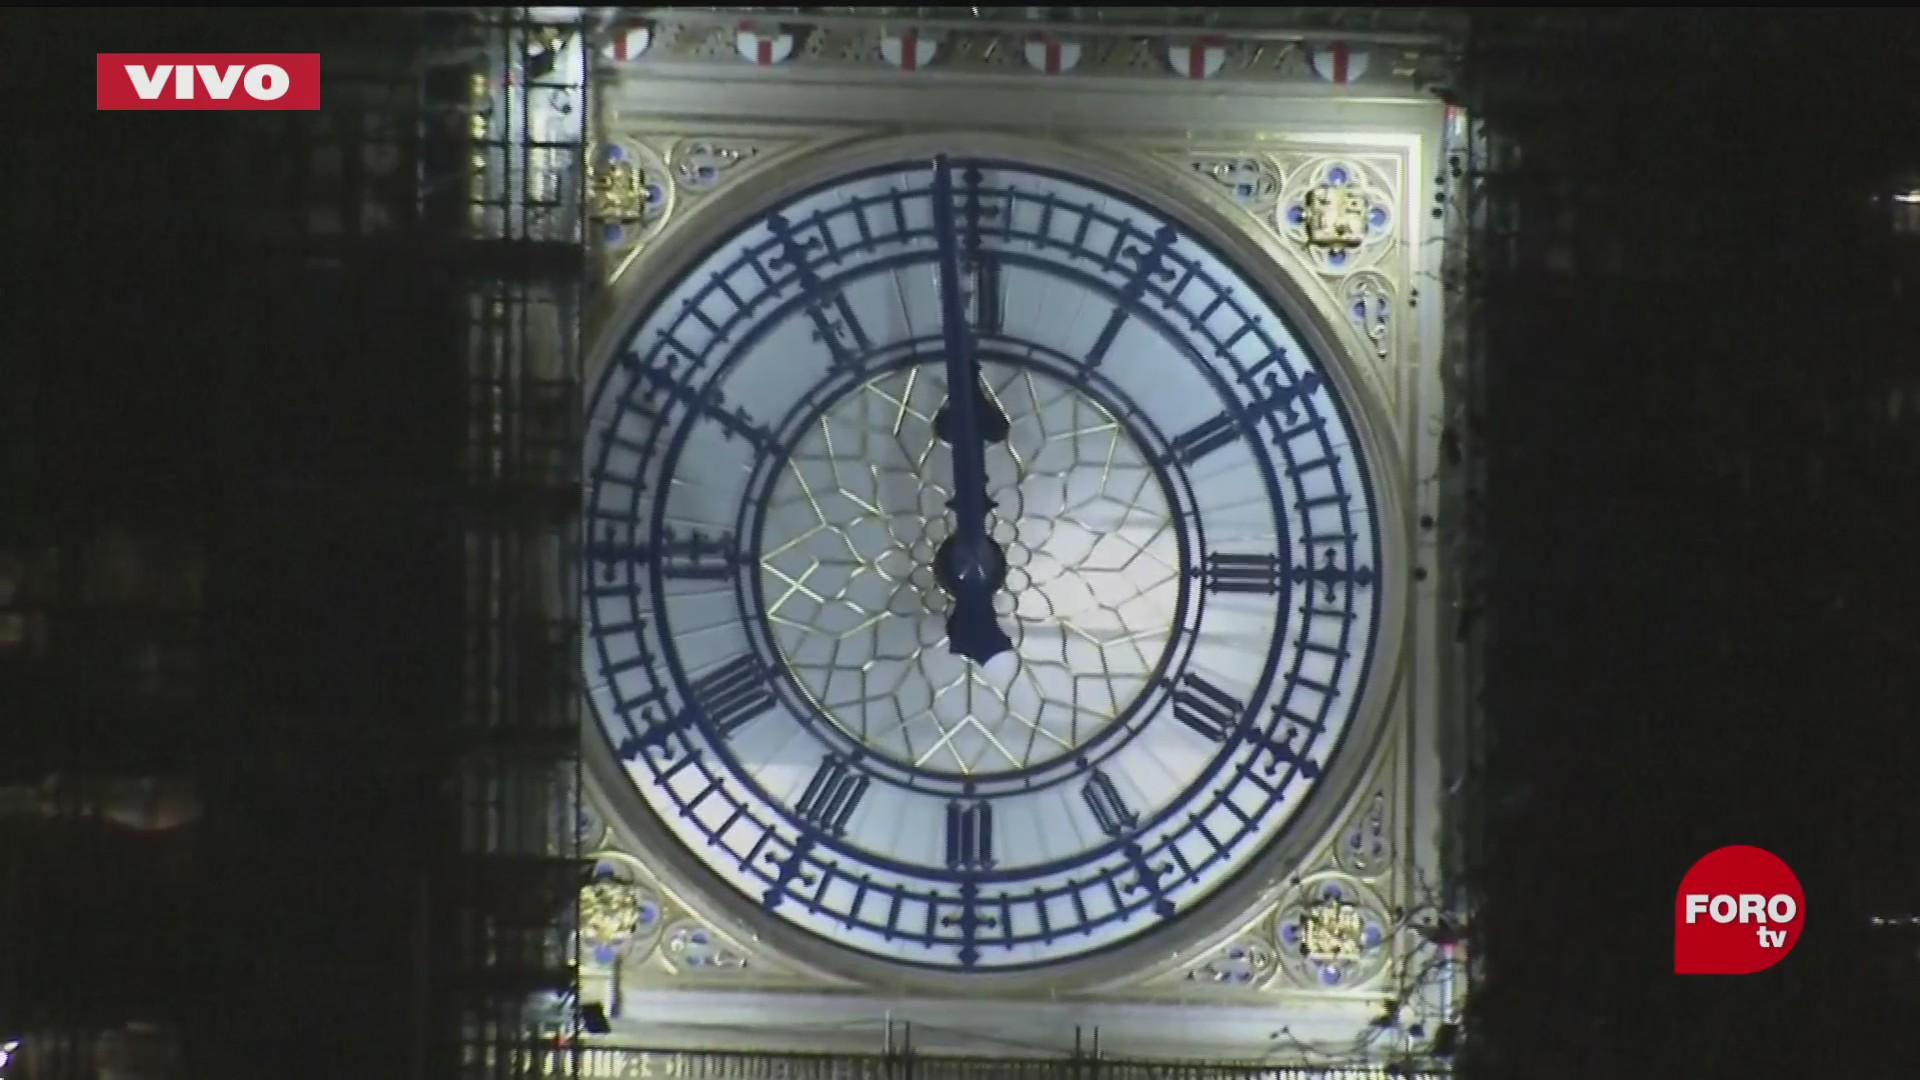 reino unido celebra el ano nuevo y la entrada en vigor el brexit